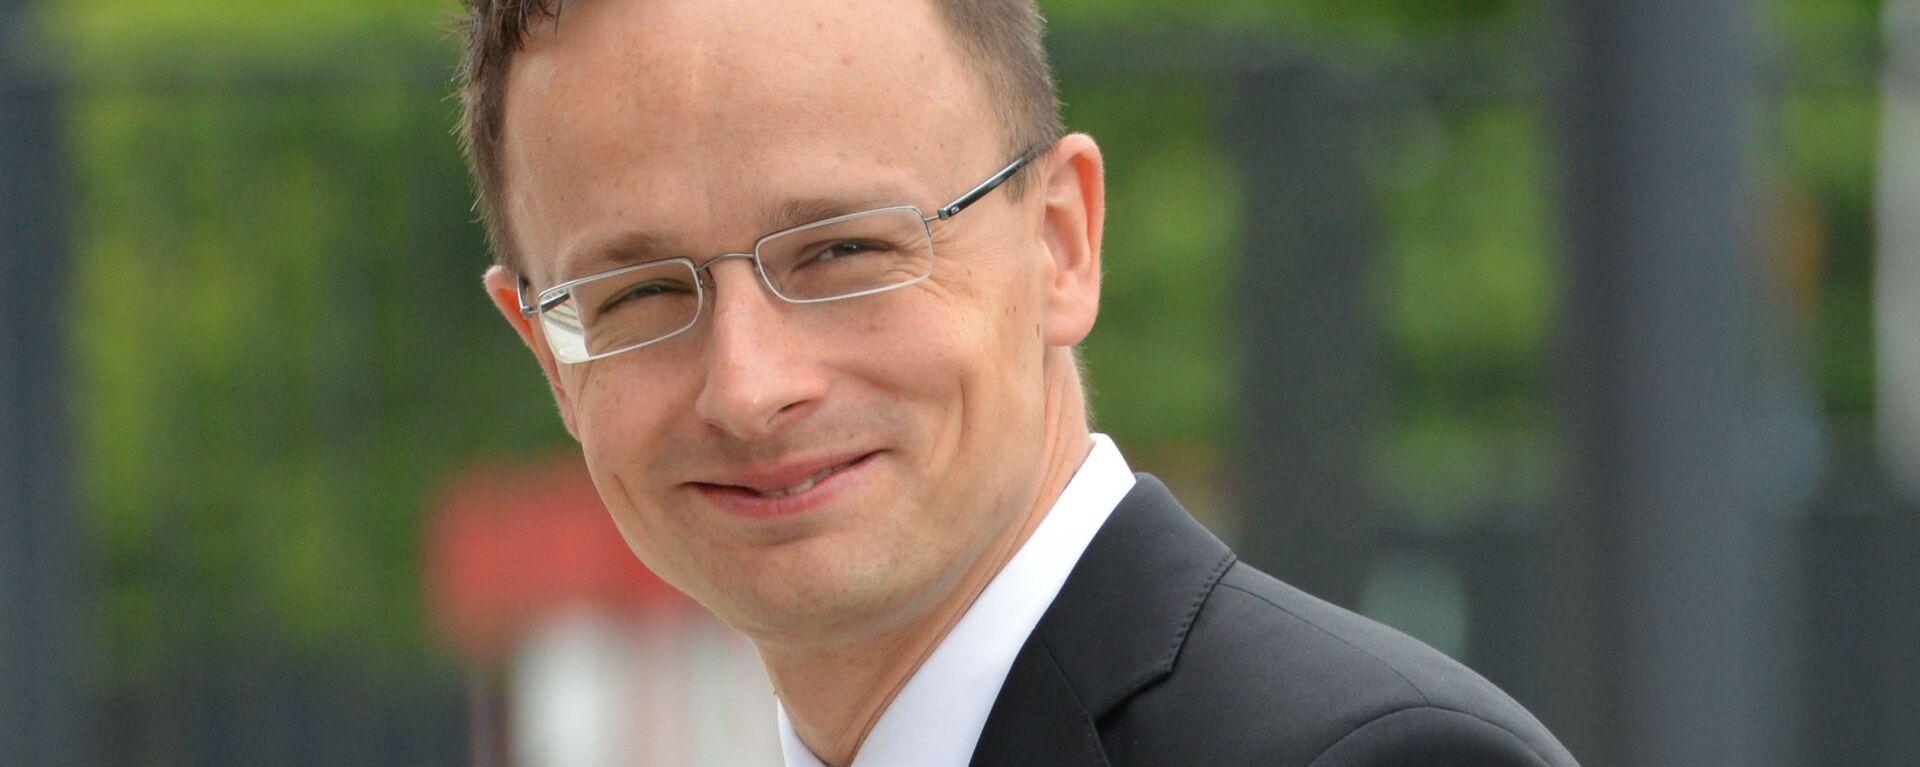 Maďarský ministr zahraničí Péter Szijjártó - Sputnik Česká republika, 1920, 06.06.2021